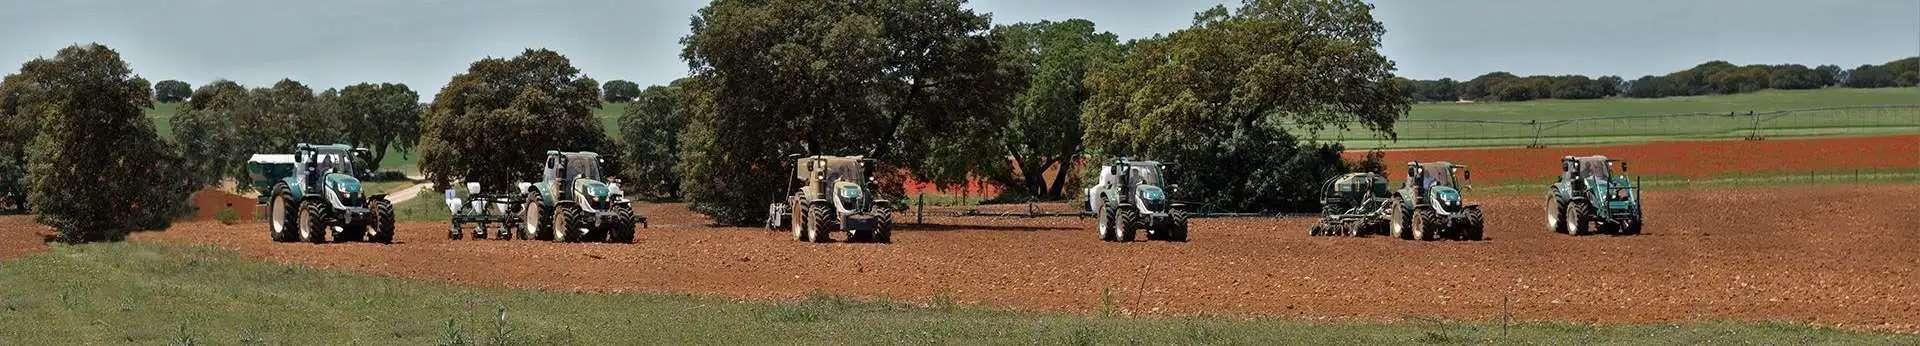 ciągniki rolnicza Arbos Seria 5000 - uniwersalne ciągniki na zdjęciu podczas prac polowych sześć ciągników każdy z inną maszyną